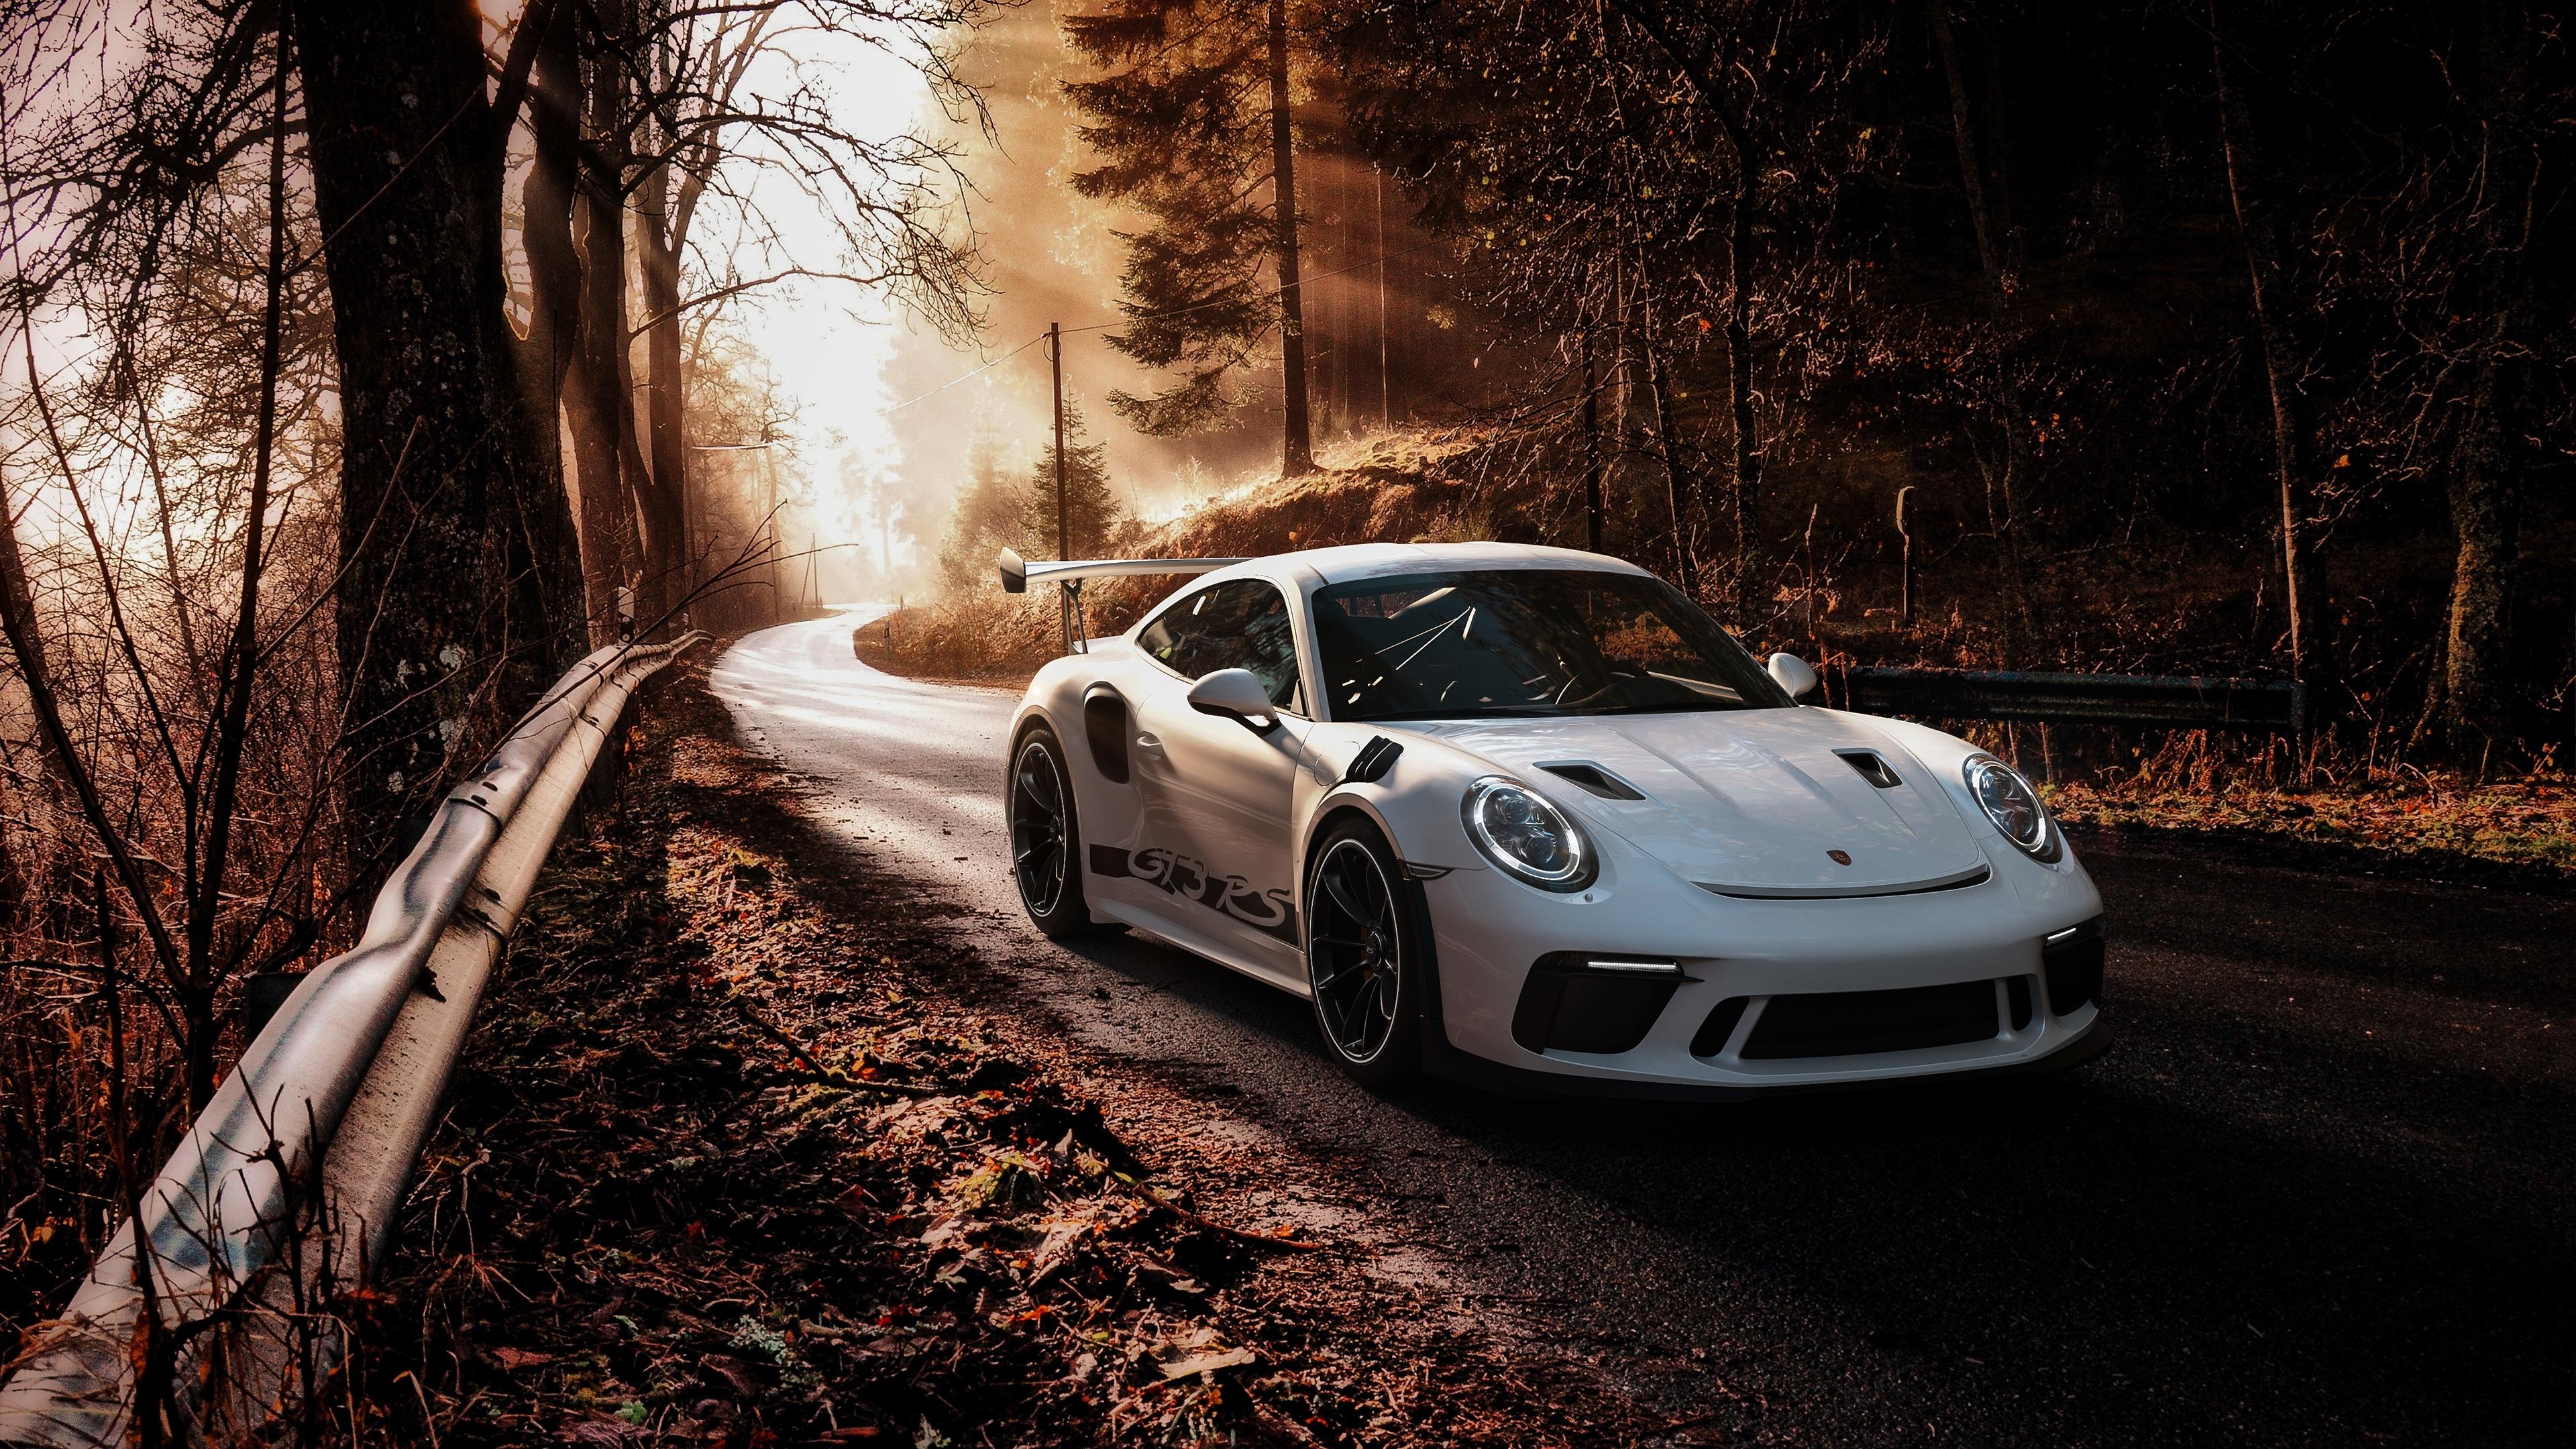 Photos Porsche 911 Gt3 Rs 2019 White Automobile 3840x2160